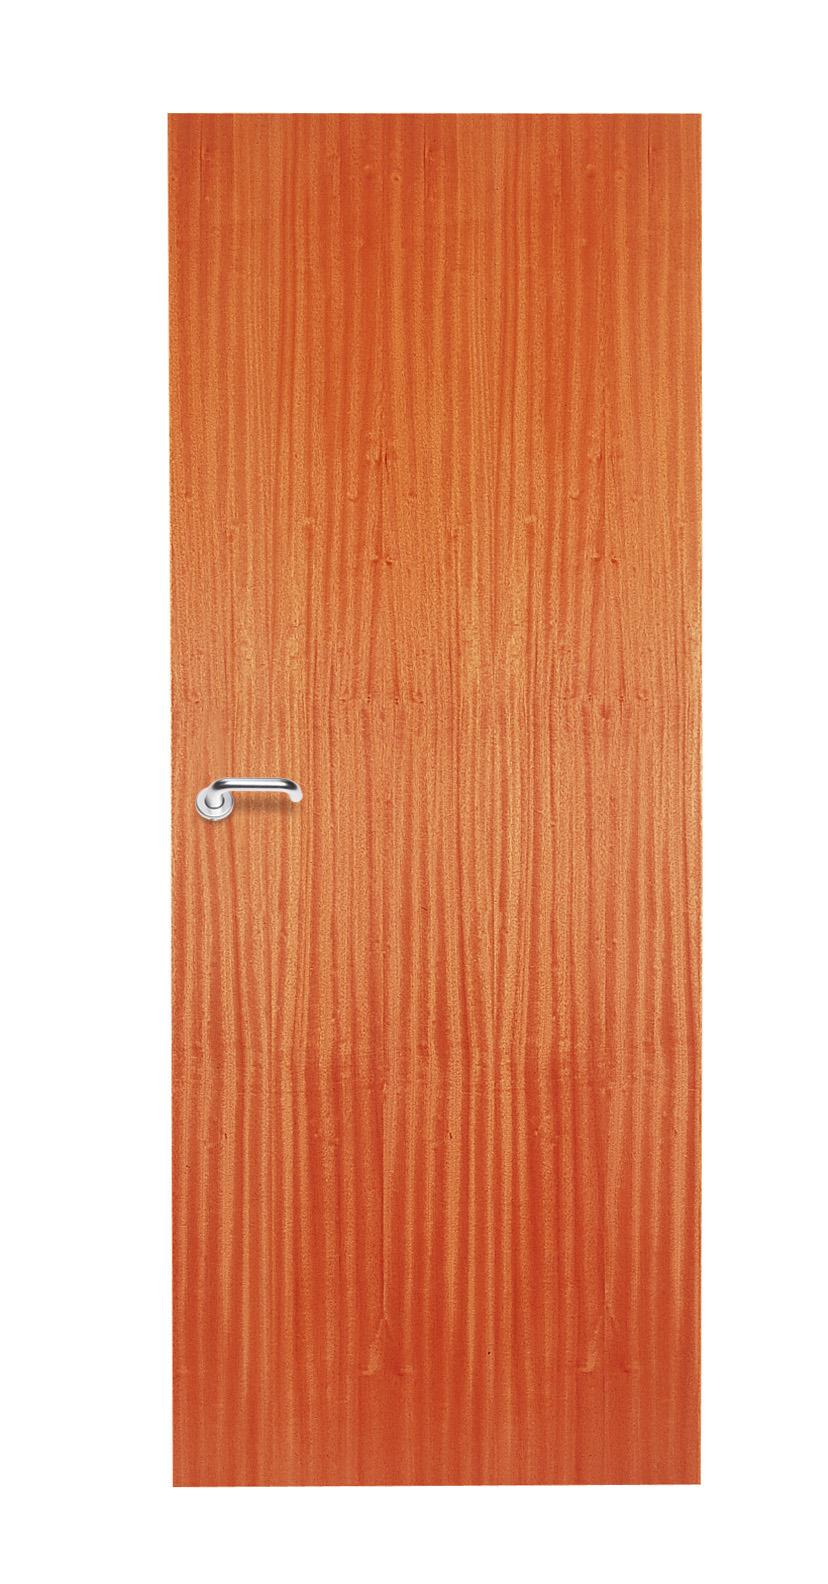 Internal hardwood doors for 1 panel inlaid oak veneer door